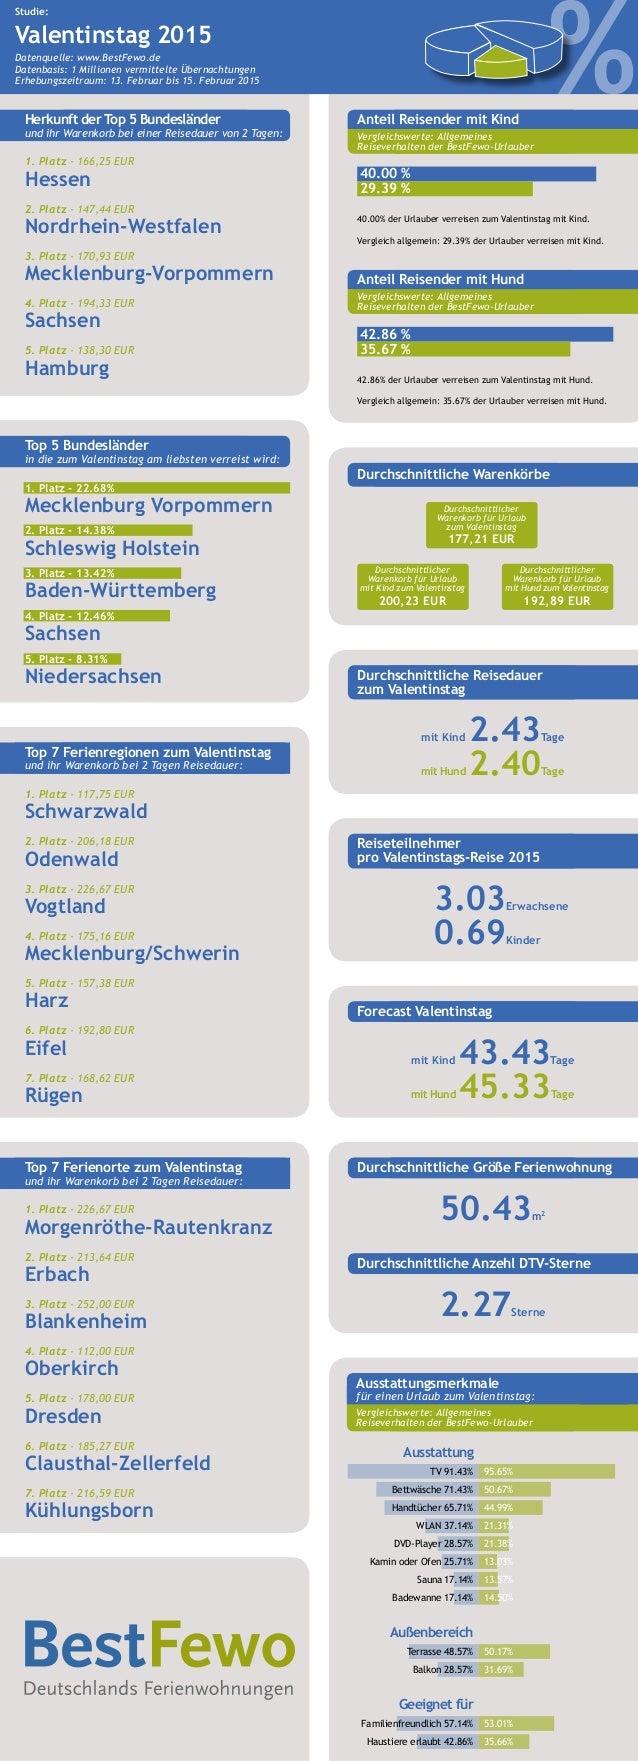 1. Platz - 166,25 EUR Hessen 2. Platz - 147,44 EUR Nordrhein-Westfalen 3. Platz - 170,93 EUR Mecklenburg-Vorpommern 4. Pla...